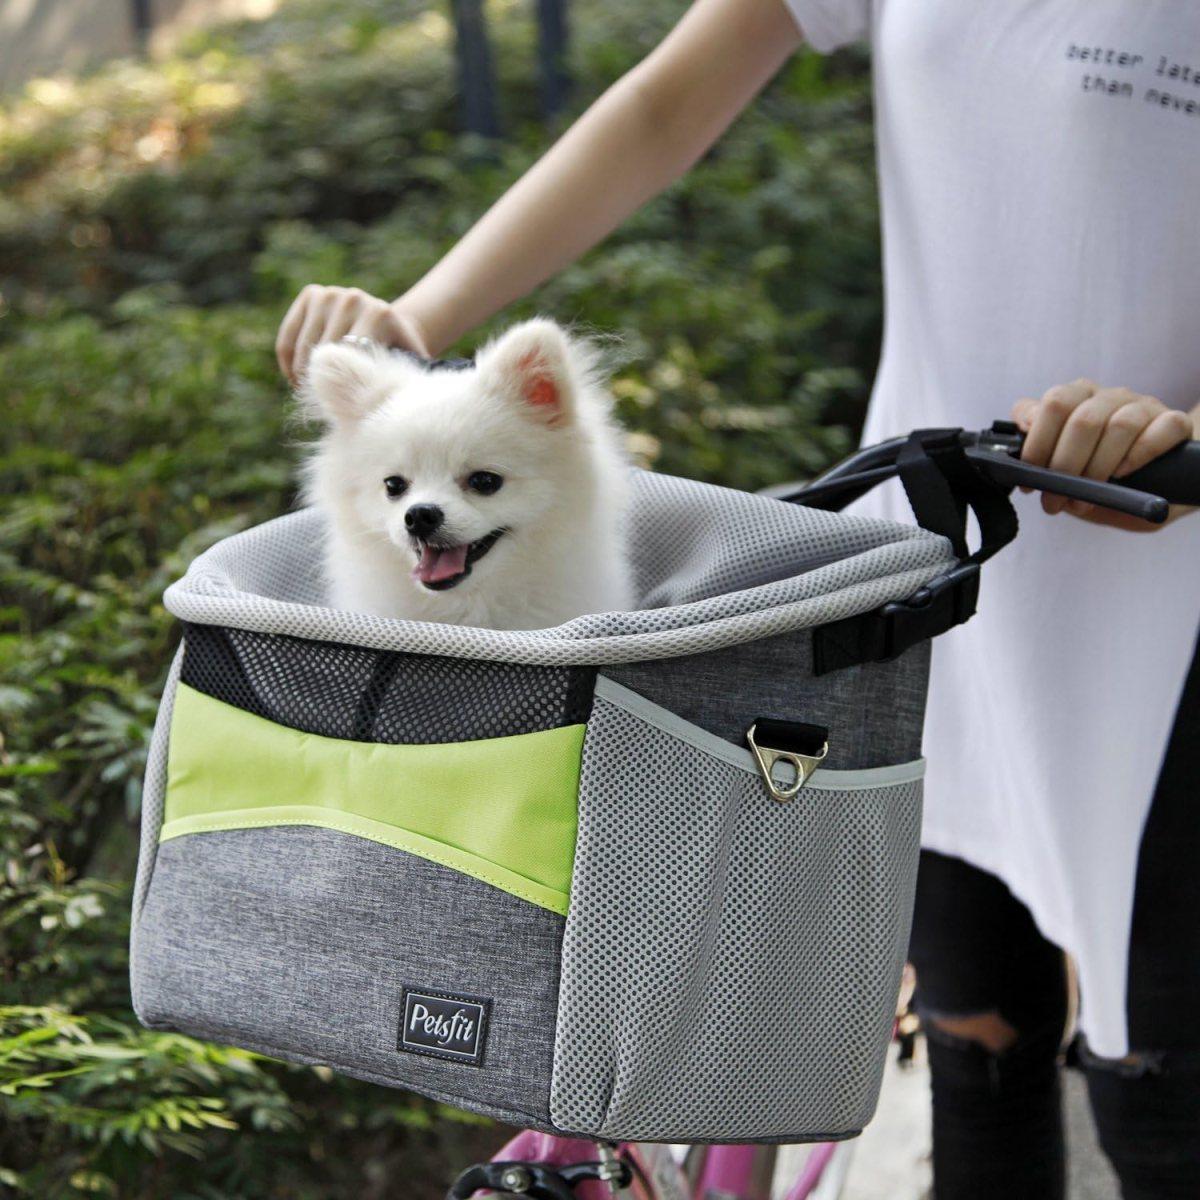 Petsfit Portabicicletas de bicicleta, Portabicicletas para perros con bolsillos pequeños, Portabicicletas Portabicicletas pequeño con correa de hombro, 29cm x 21cm x 30cm, Verde y Gris